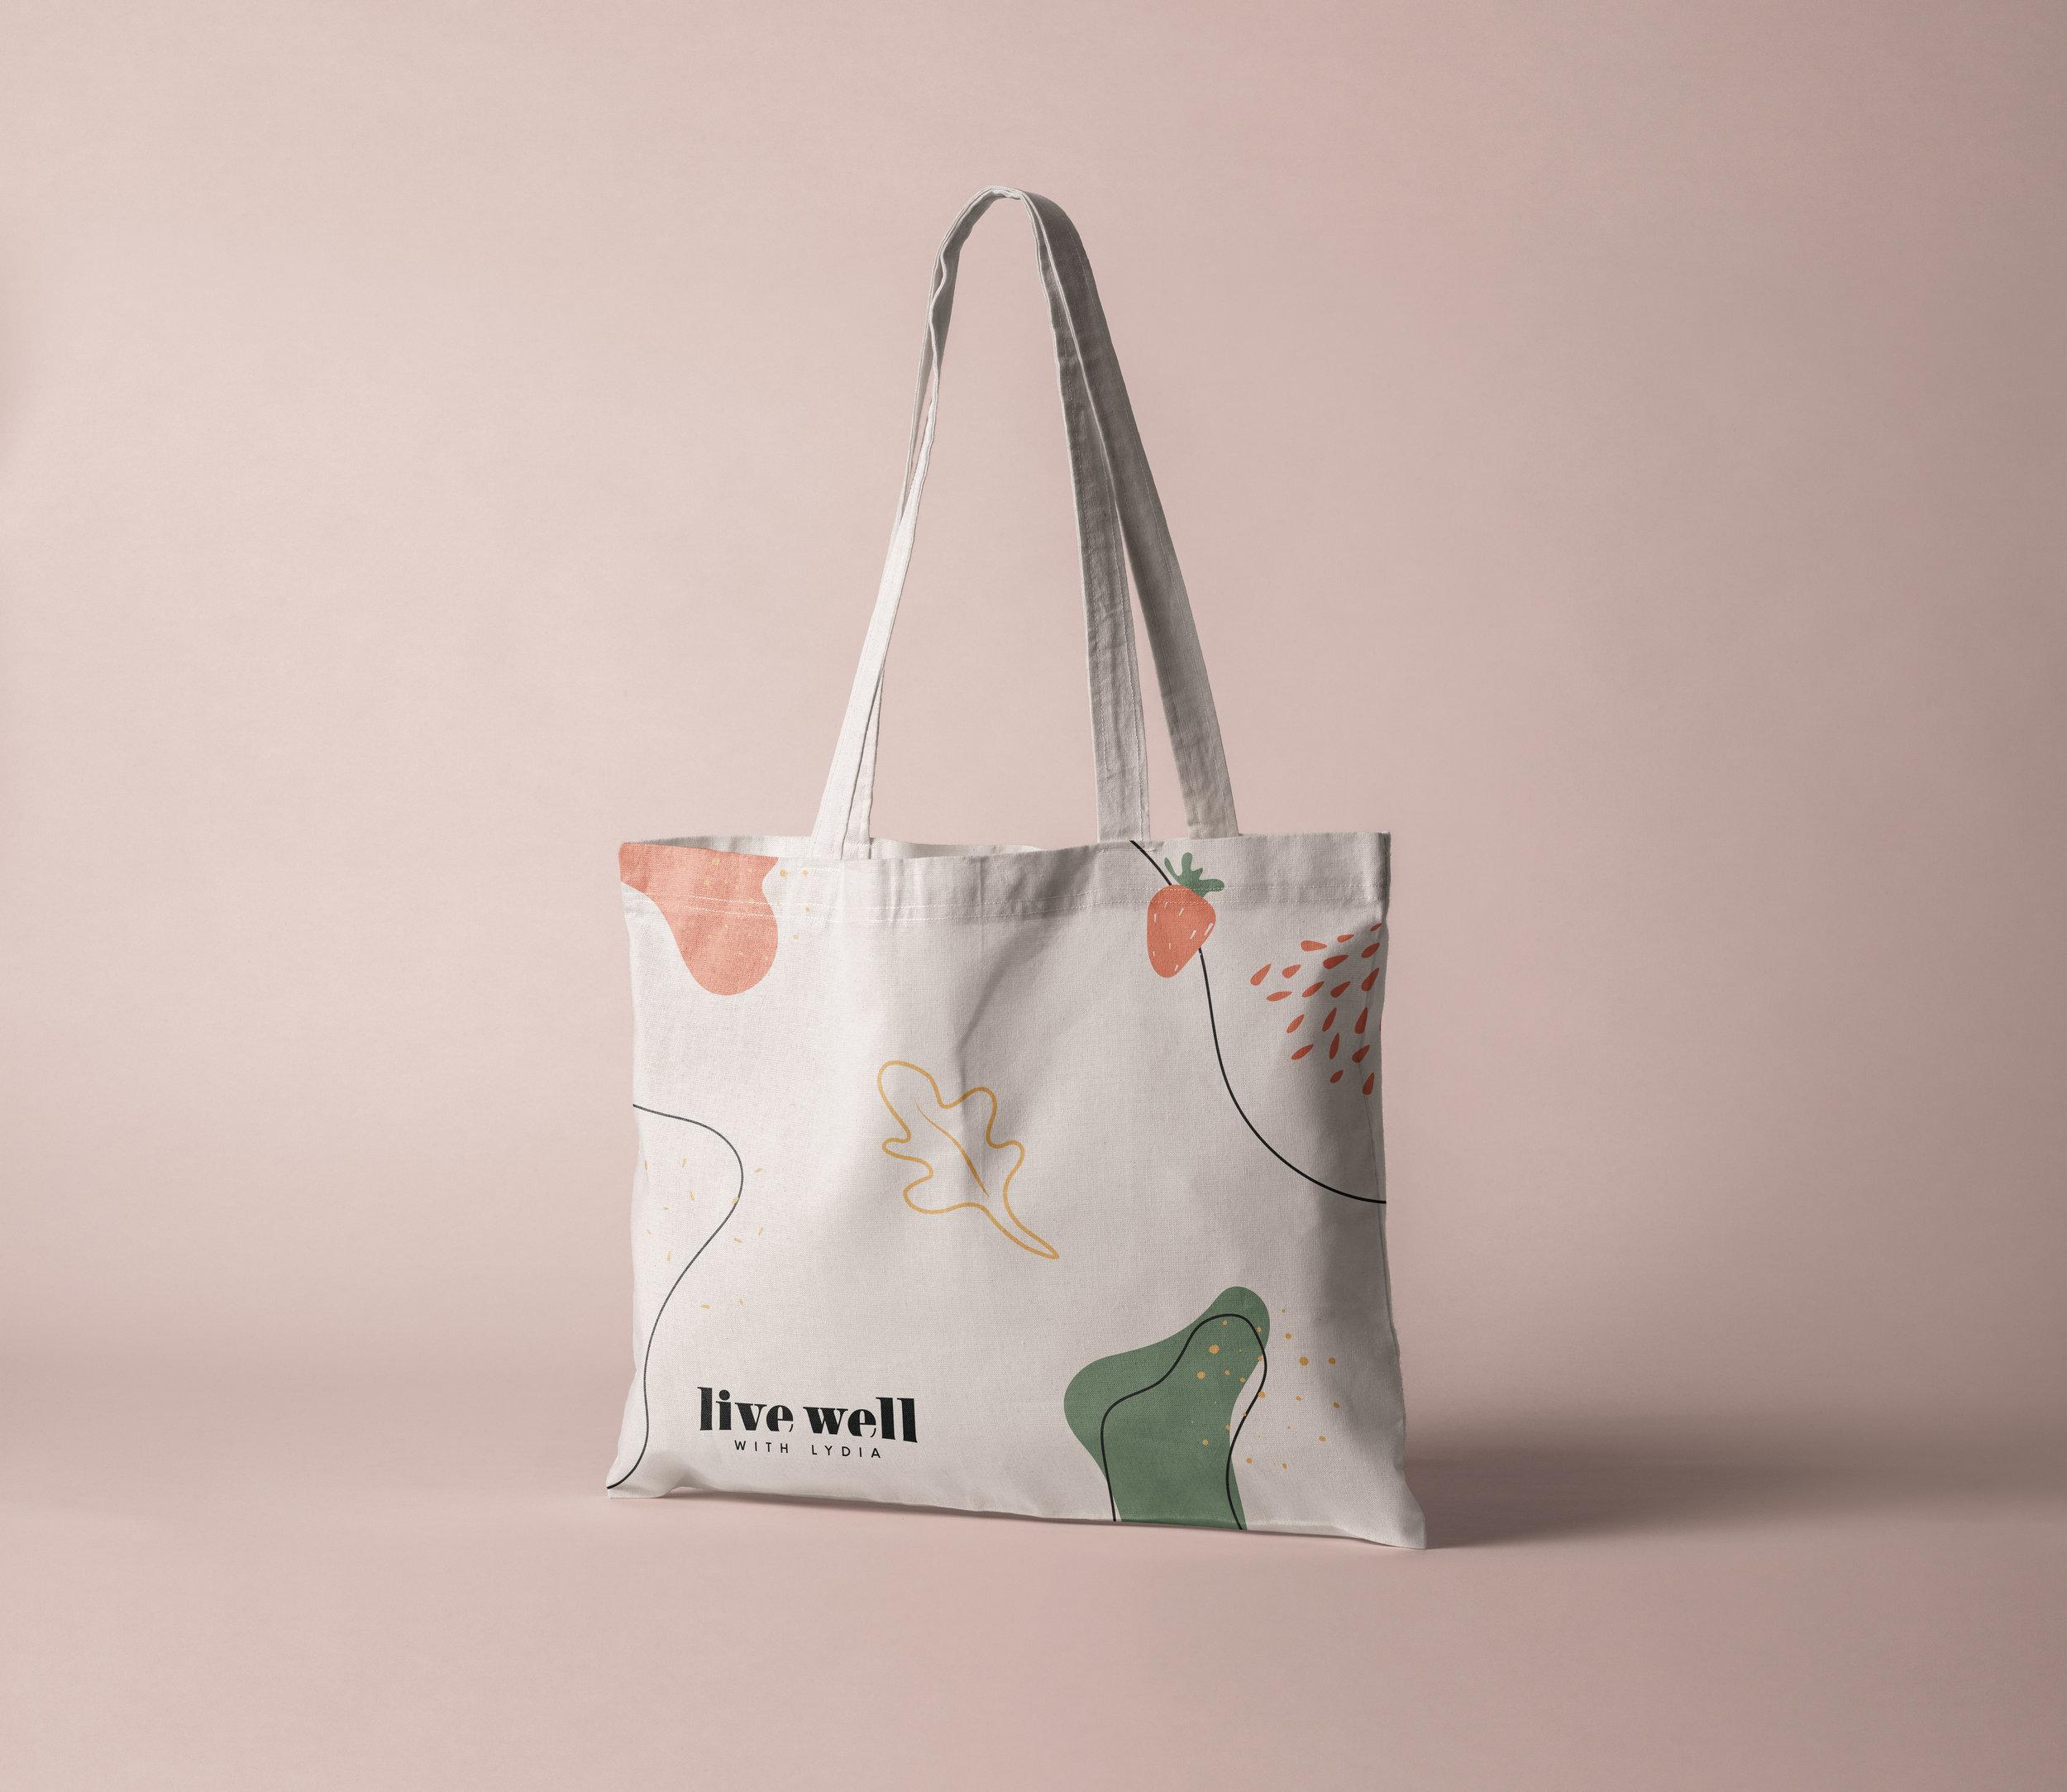 Tote-Bag-Fabric-Mockup-Vol3.jpg